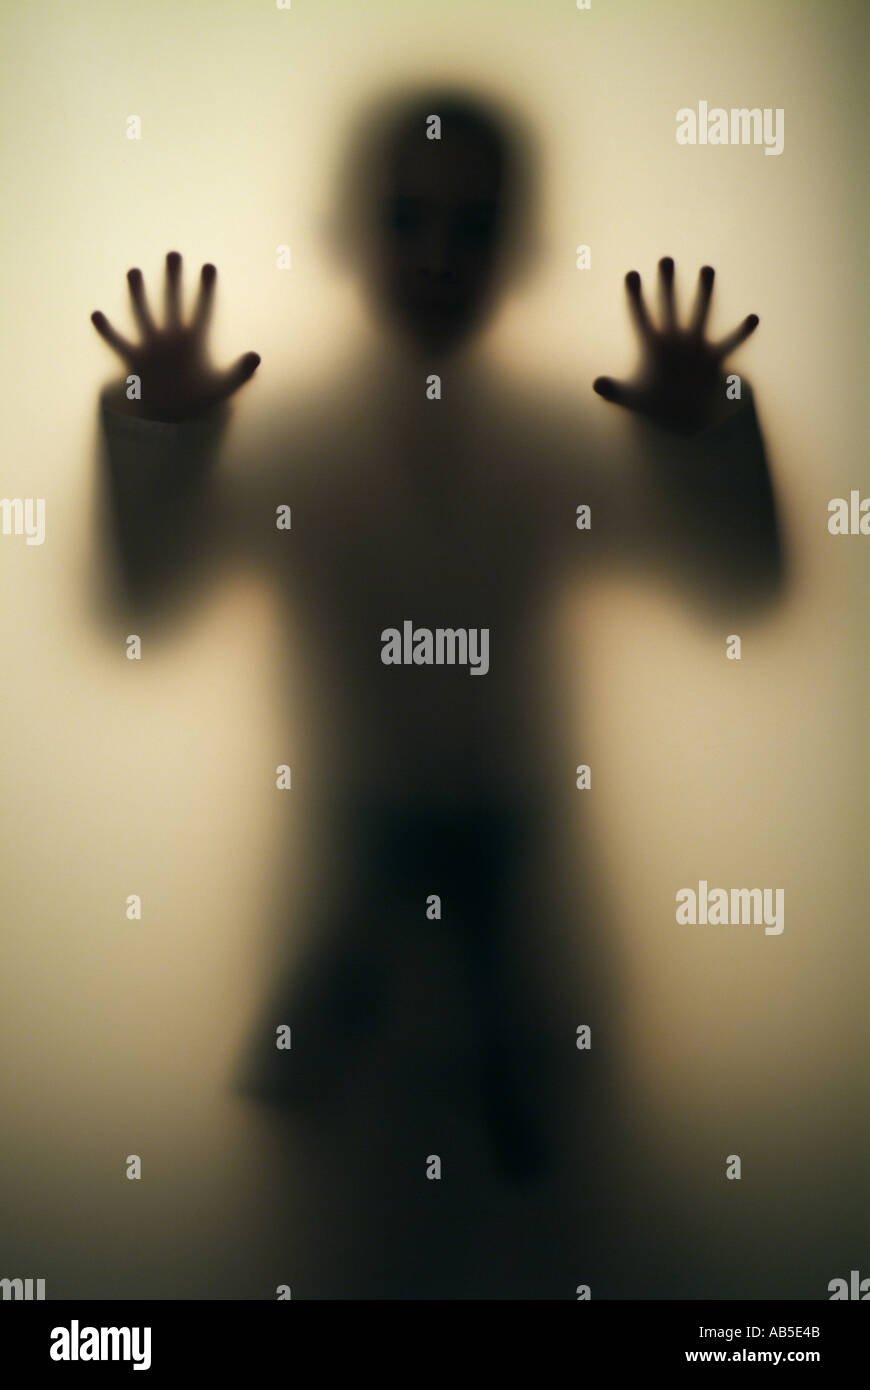 Junge 7, 8, 9, 10, 11, 12, 13, 14 Jahre alt Figur hinter transparenten Wand Stockbild